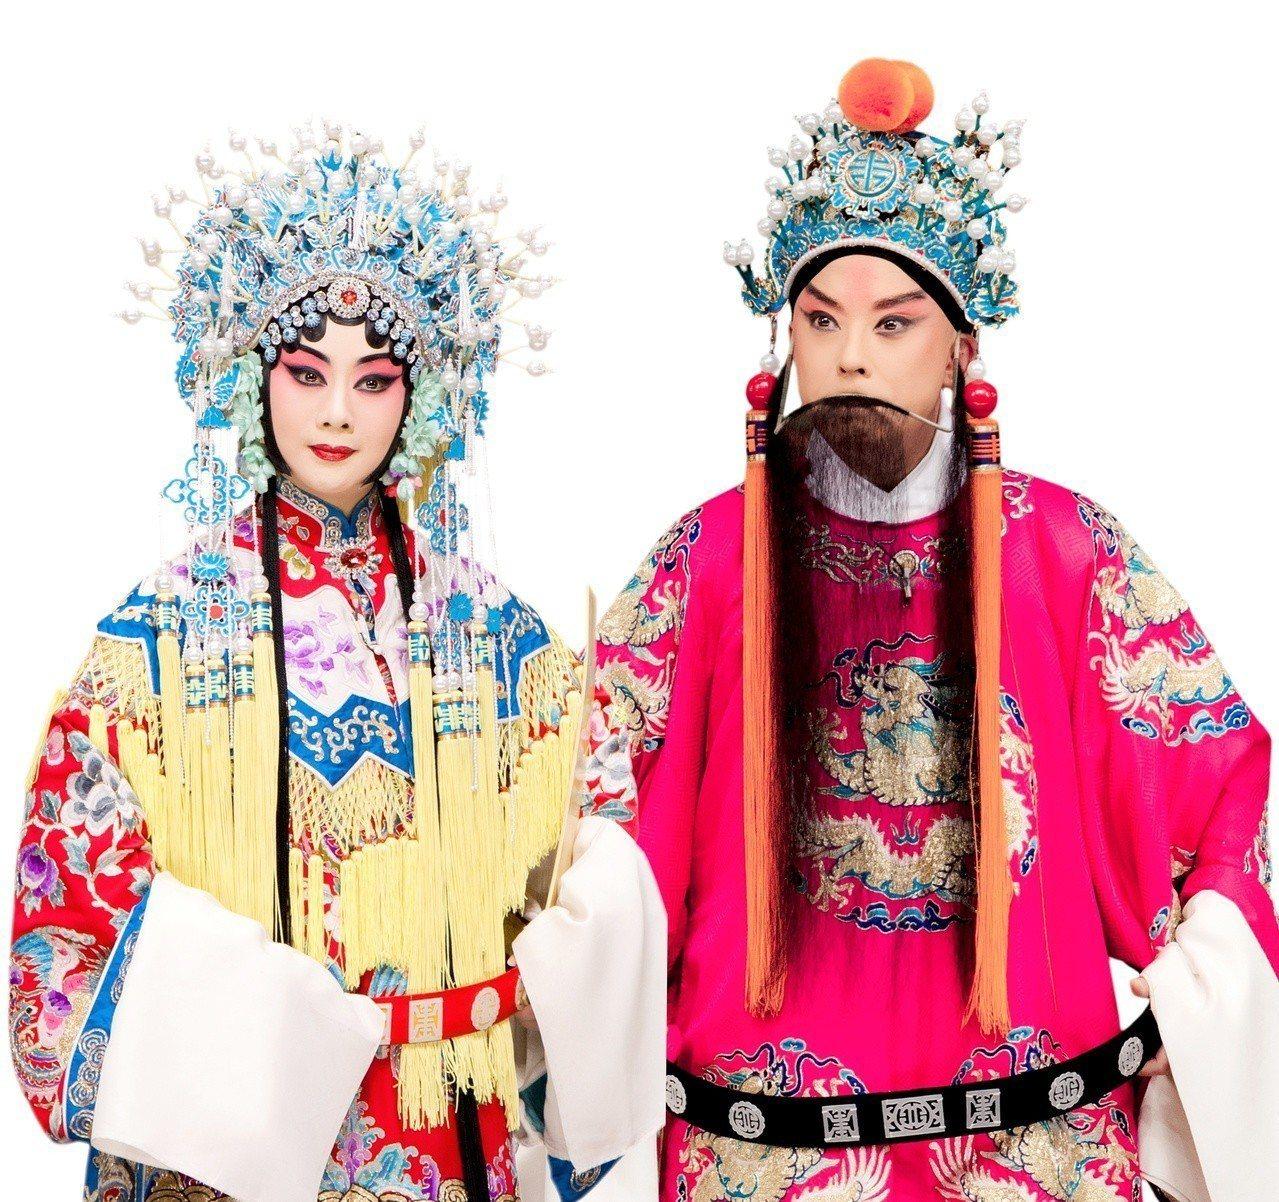 在京劇「紅鬃烈馬」中,于魁智飾薛平貴(右)李勝素飾王寶釧。 圖/傳大藝術提供